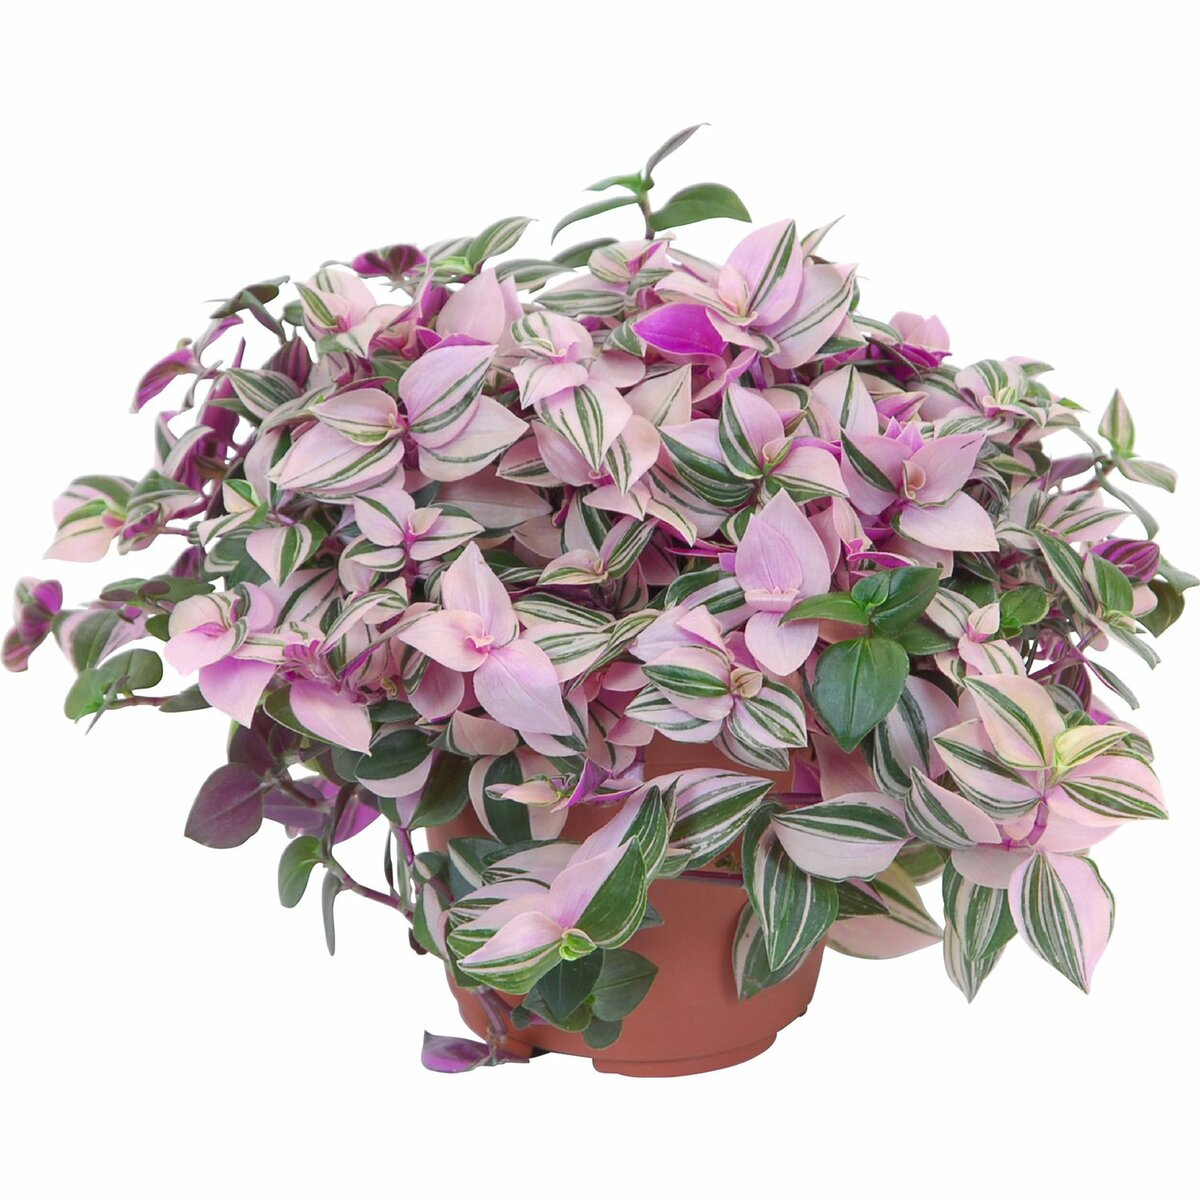 Комнатная традесканция: ампельные виды виргинская, белоцветковая, разноцветная